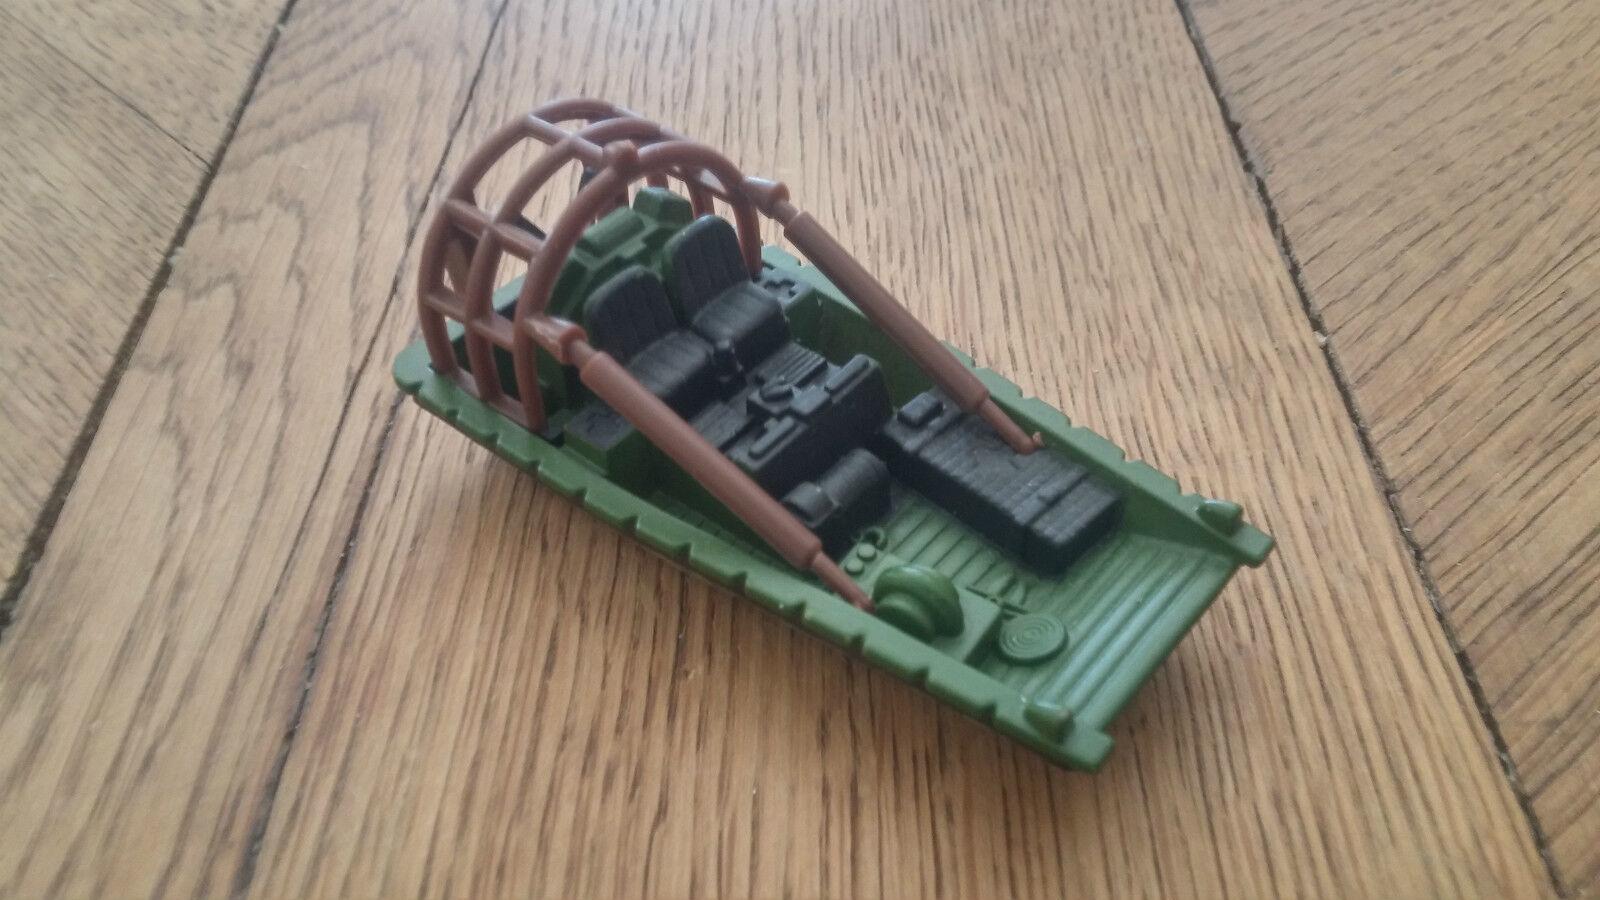 Très Rare Véhicule Miniature MatchBox   Air Boat    2000 Mattel En Parfait Etat